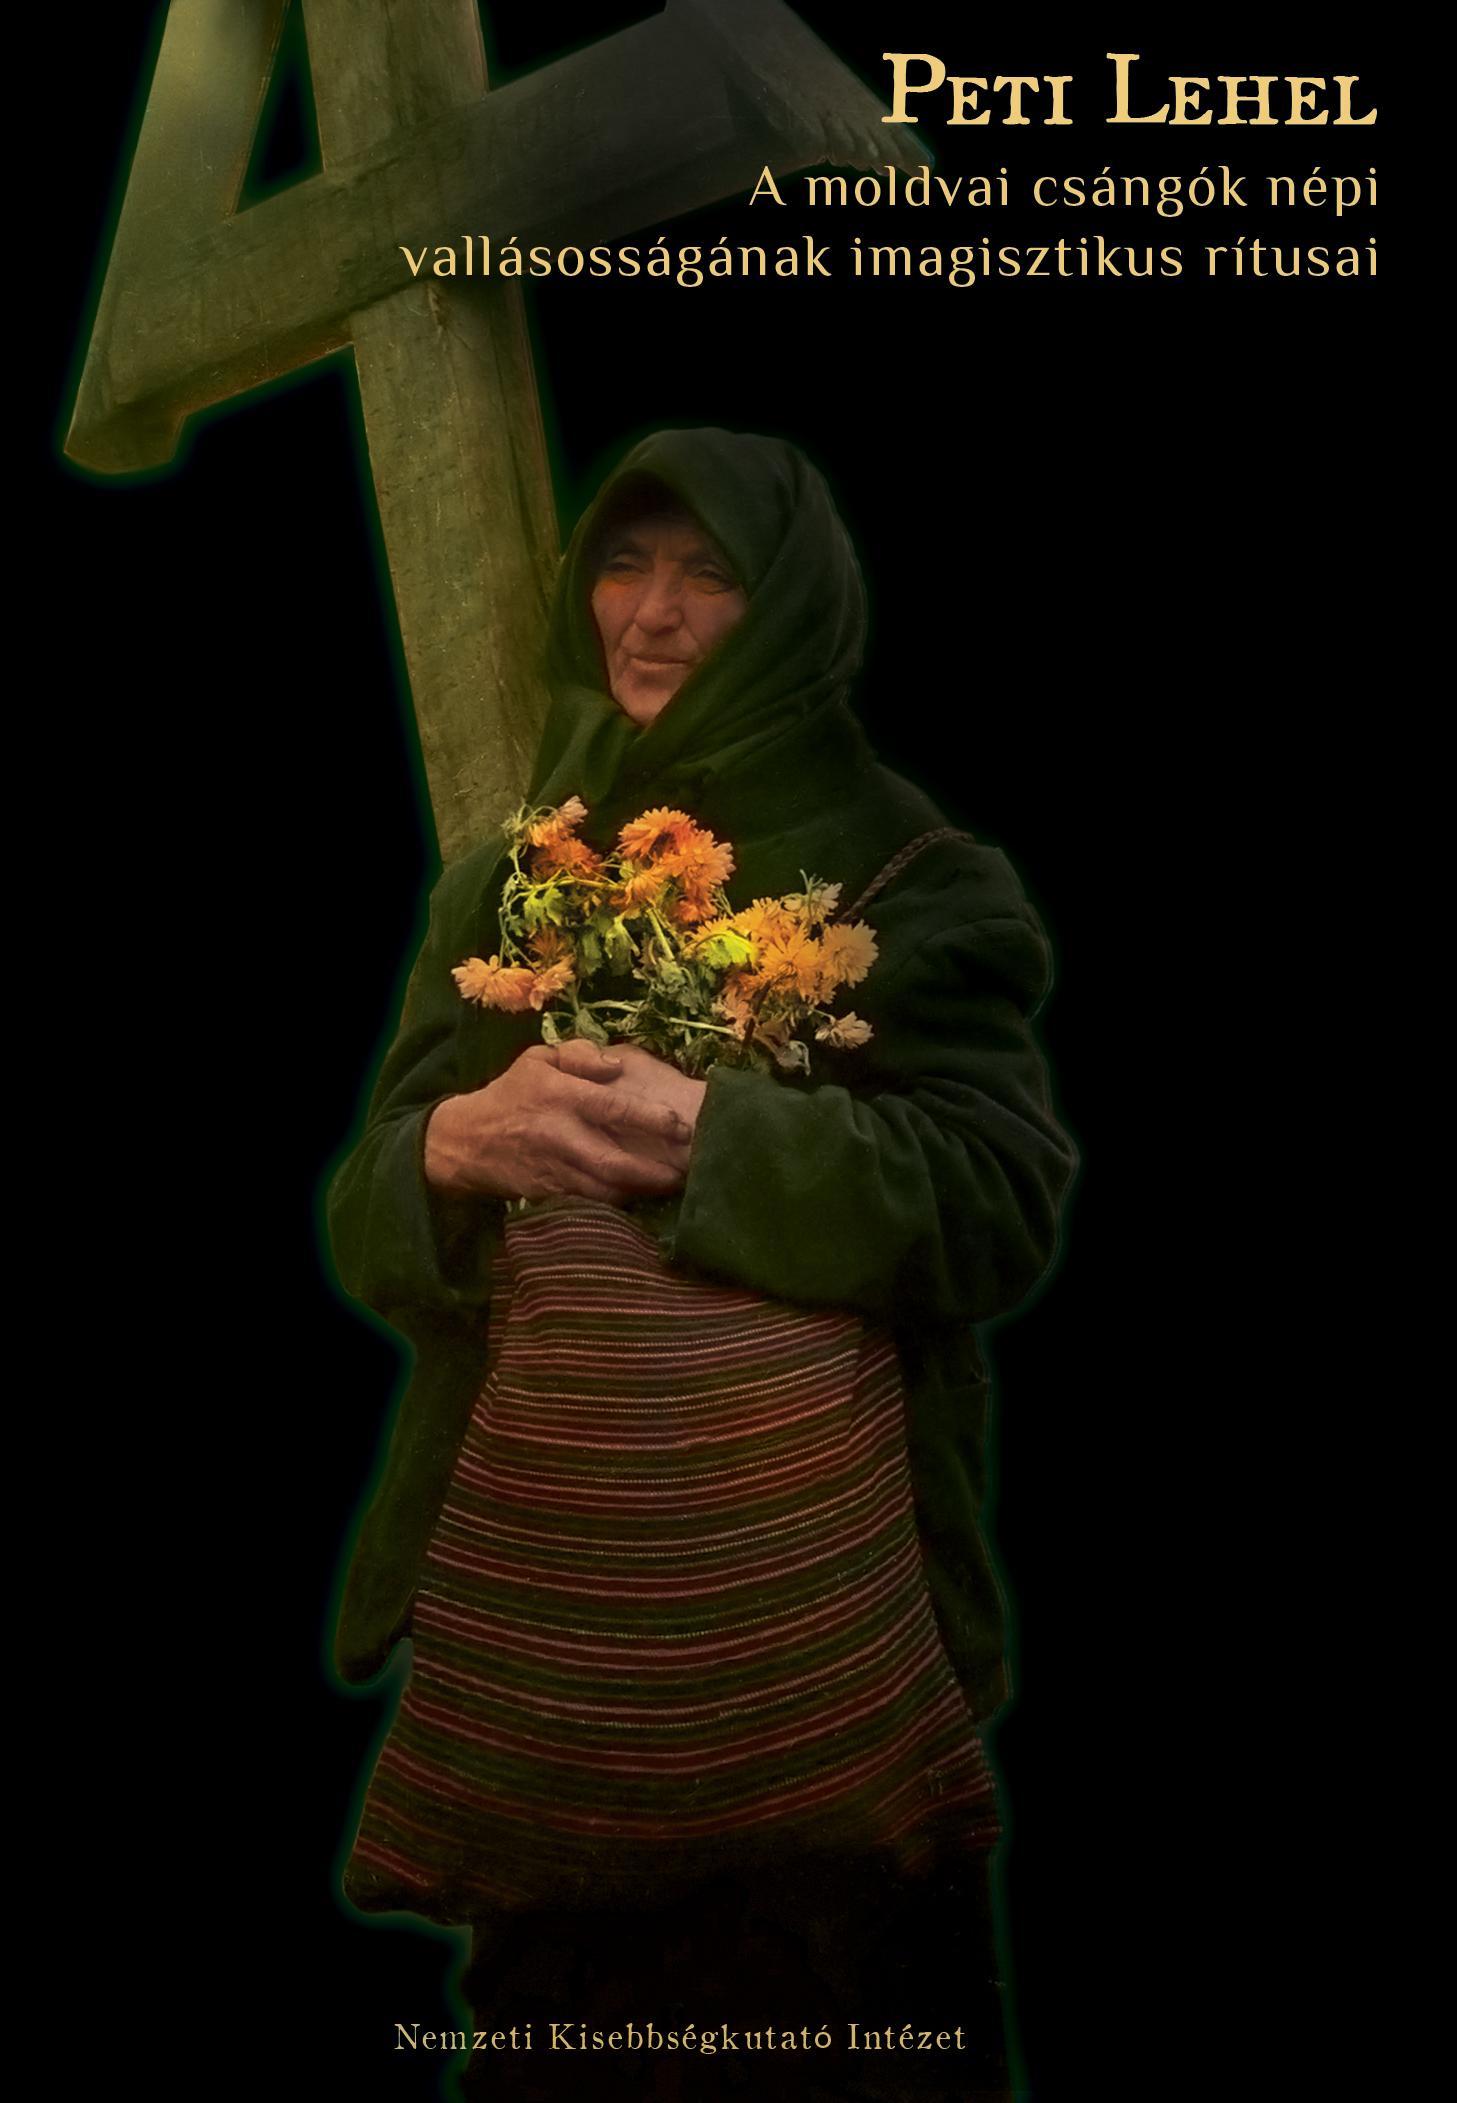 A moldvai csángók népi vallásosságának imagisztikus rítusai